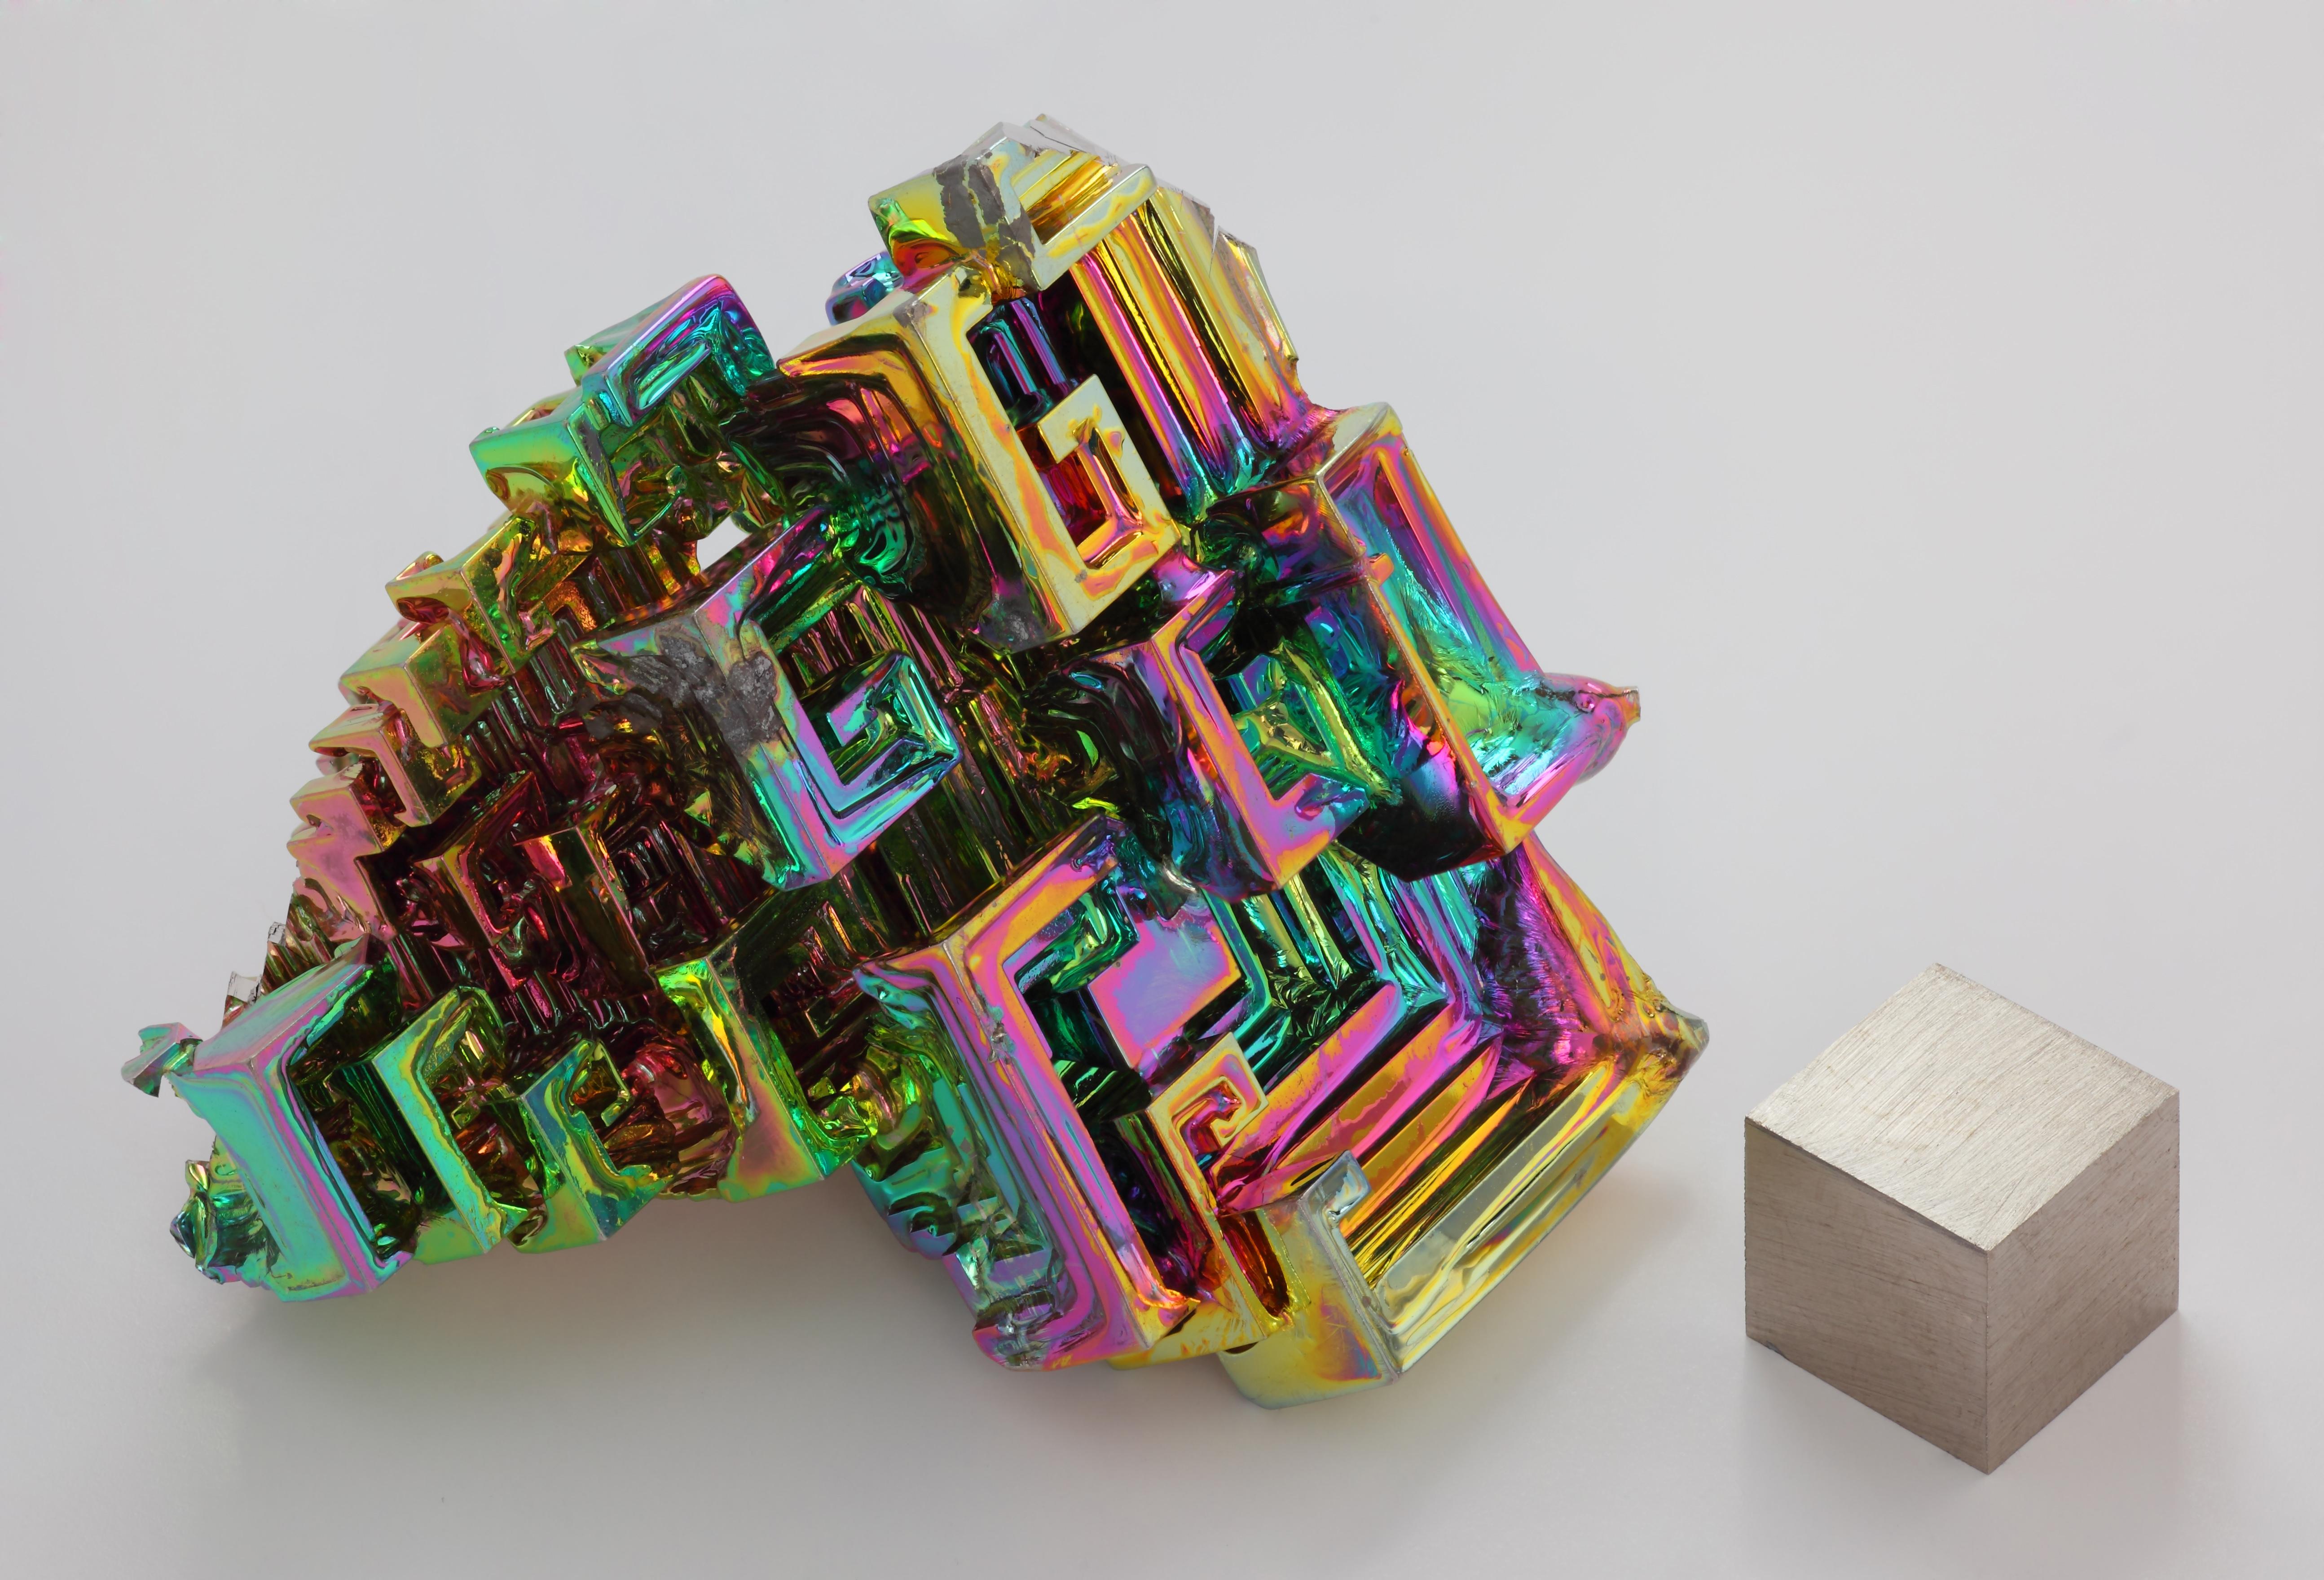 Wismut_Kristall_und_1cm3_Wuerfel.jpg